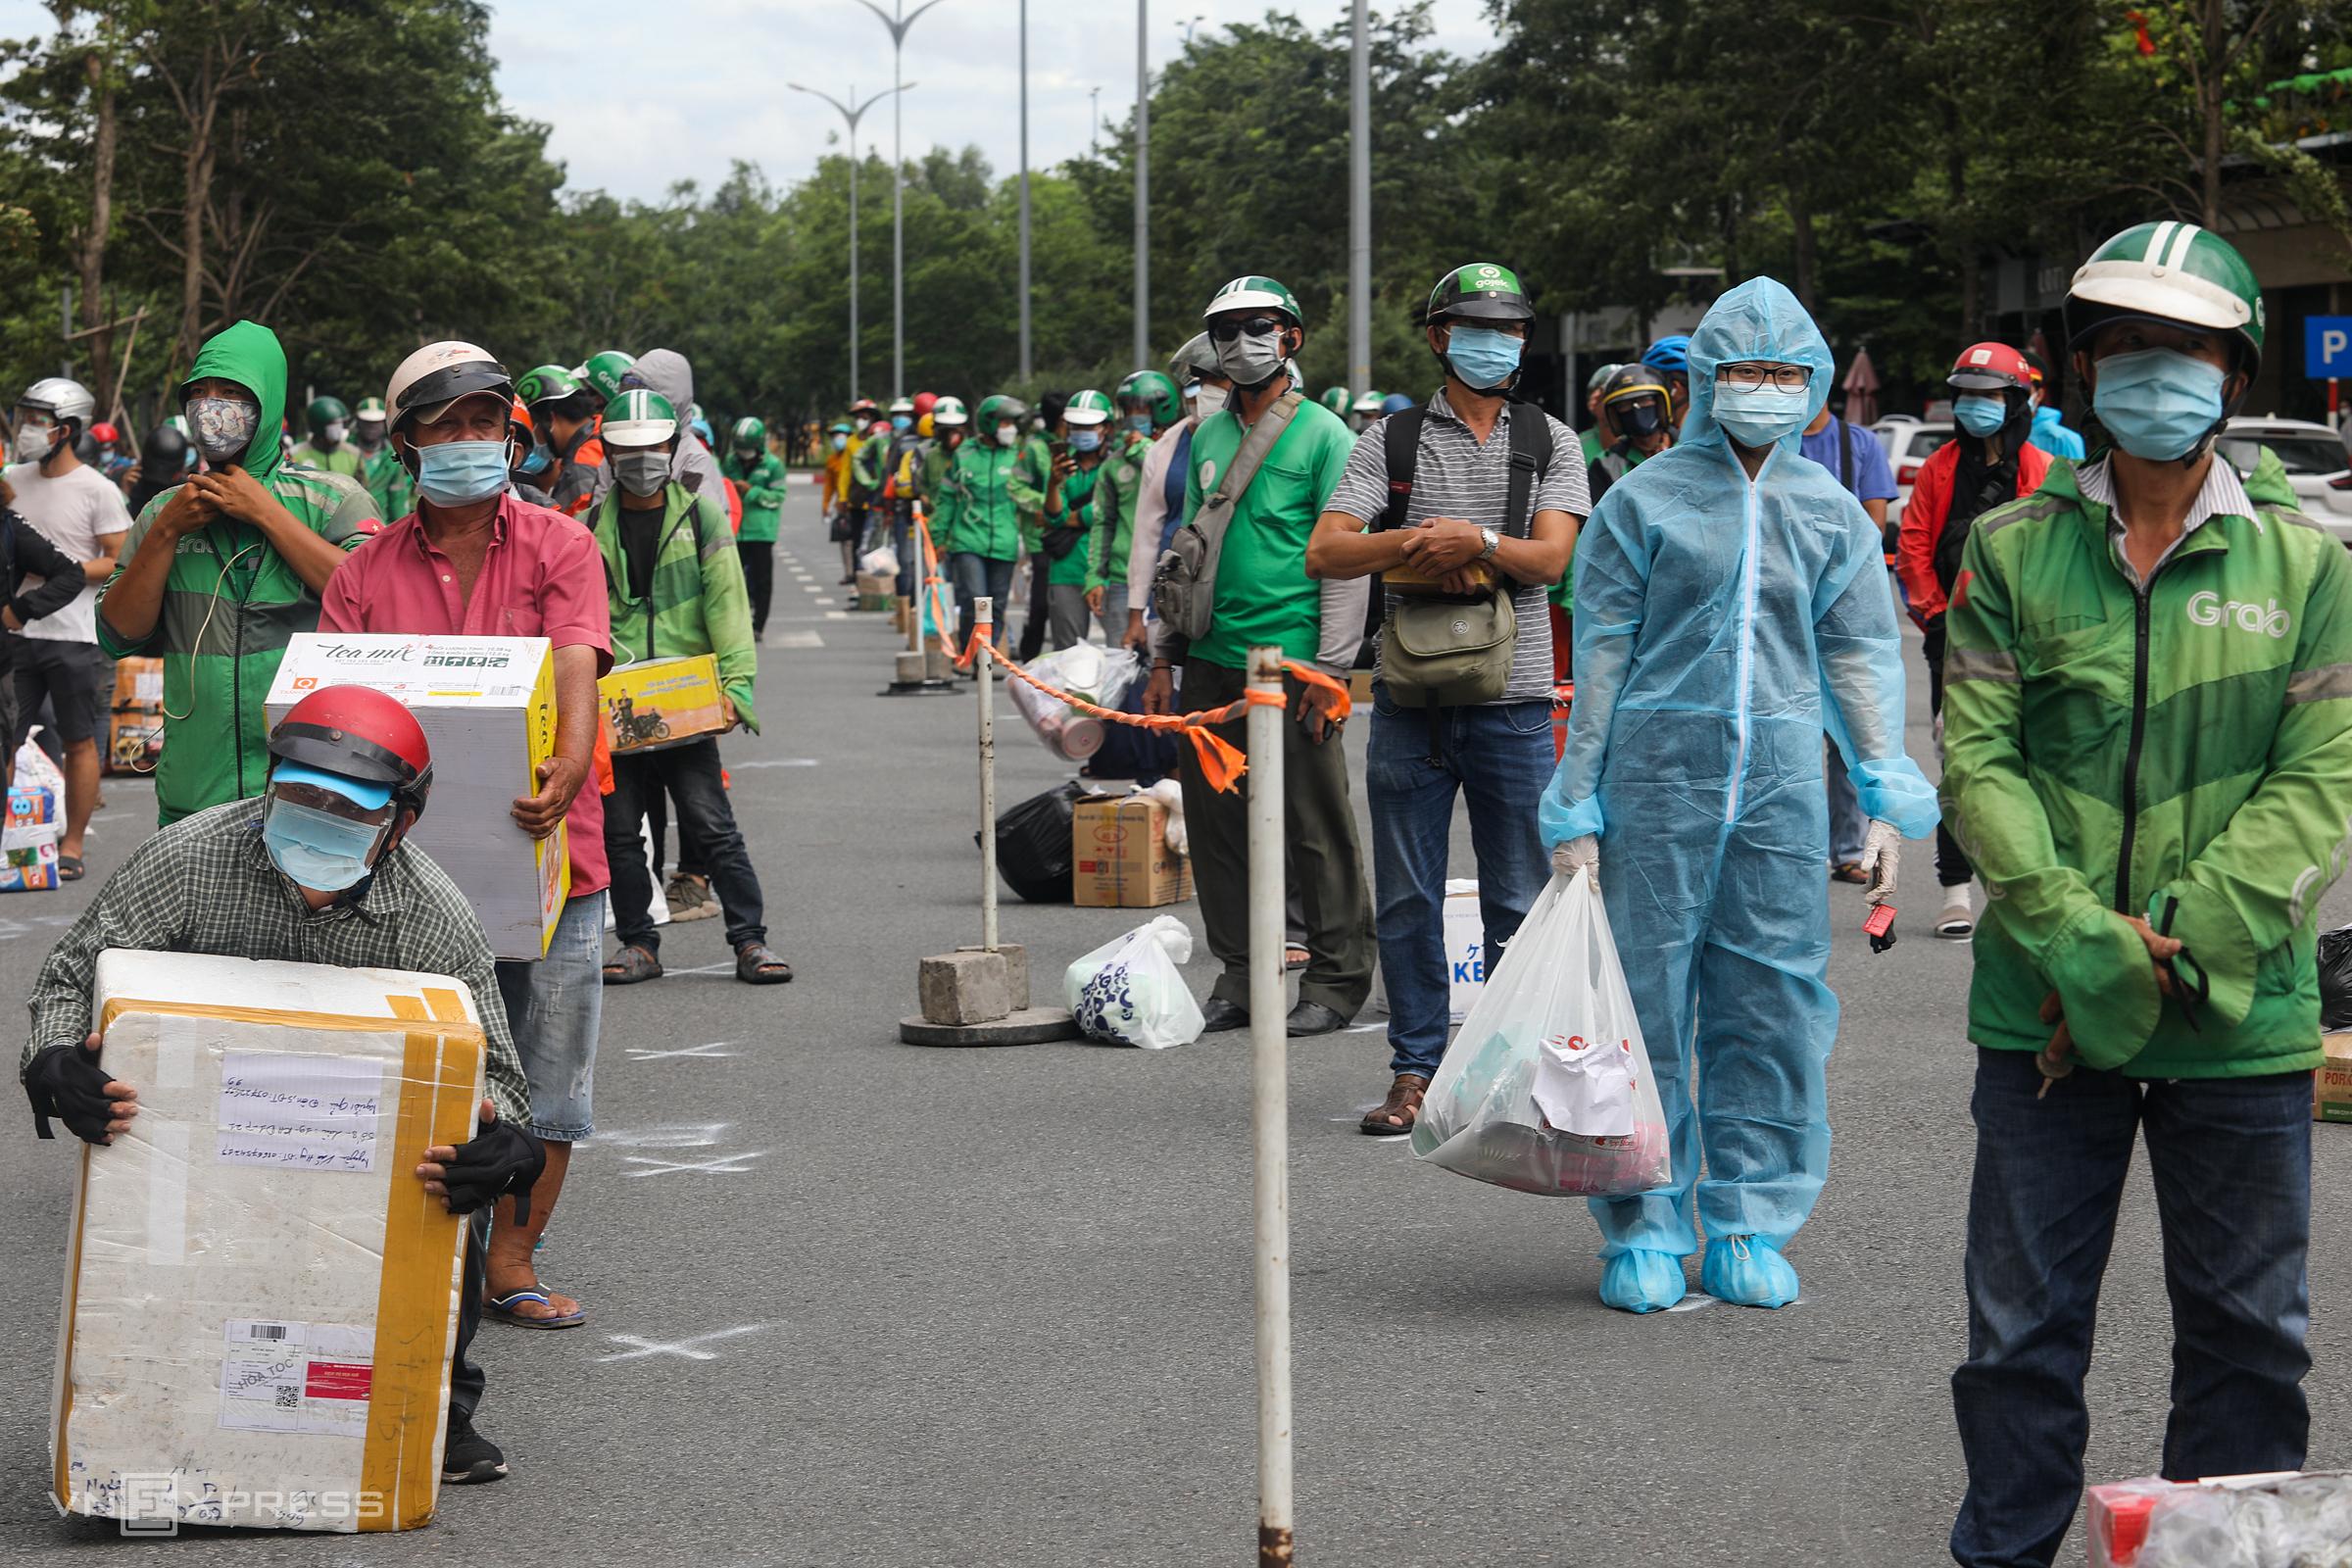 Shipper và người dân đứng xếp hàng chờ giao đồ trước Bệnh viện dã chiến số 6 (TP Thủ Đức), ngày 21/7. Ảnh: Thành Nguyễn